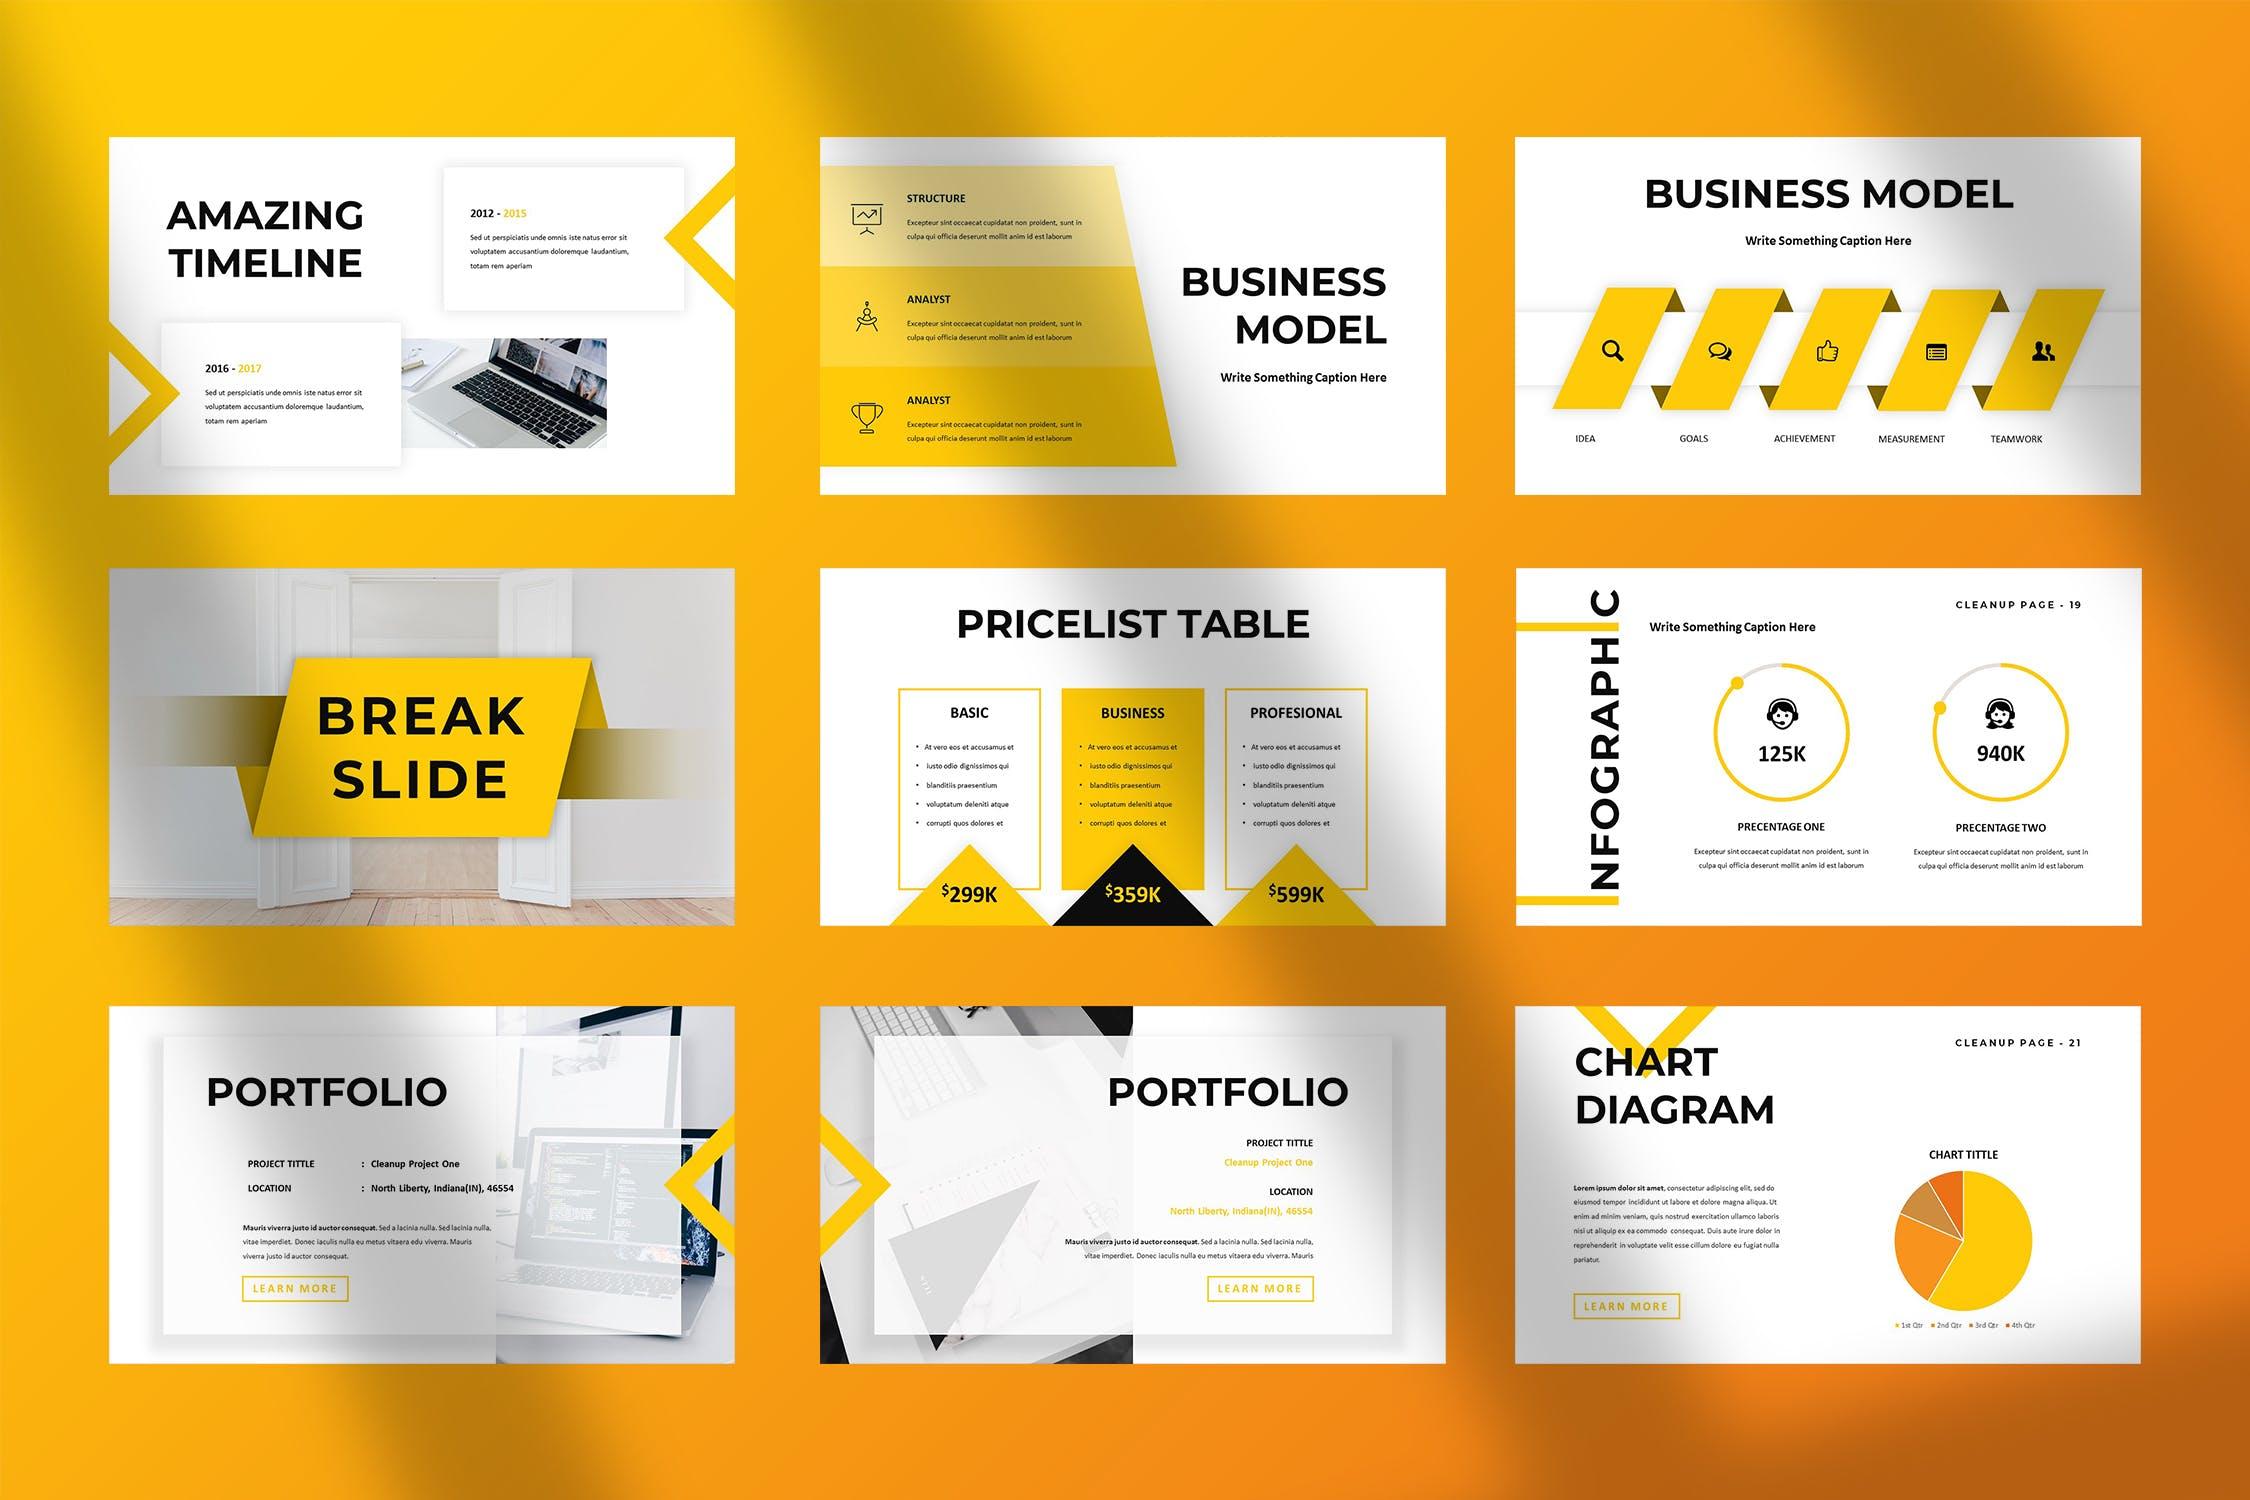 商业产品PPT模板企业ppt模板ppt模板 设计素材模板